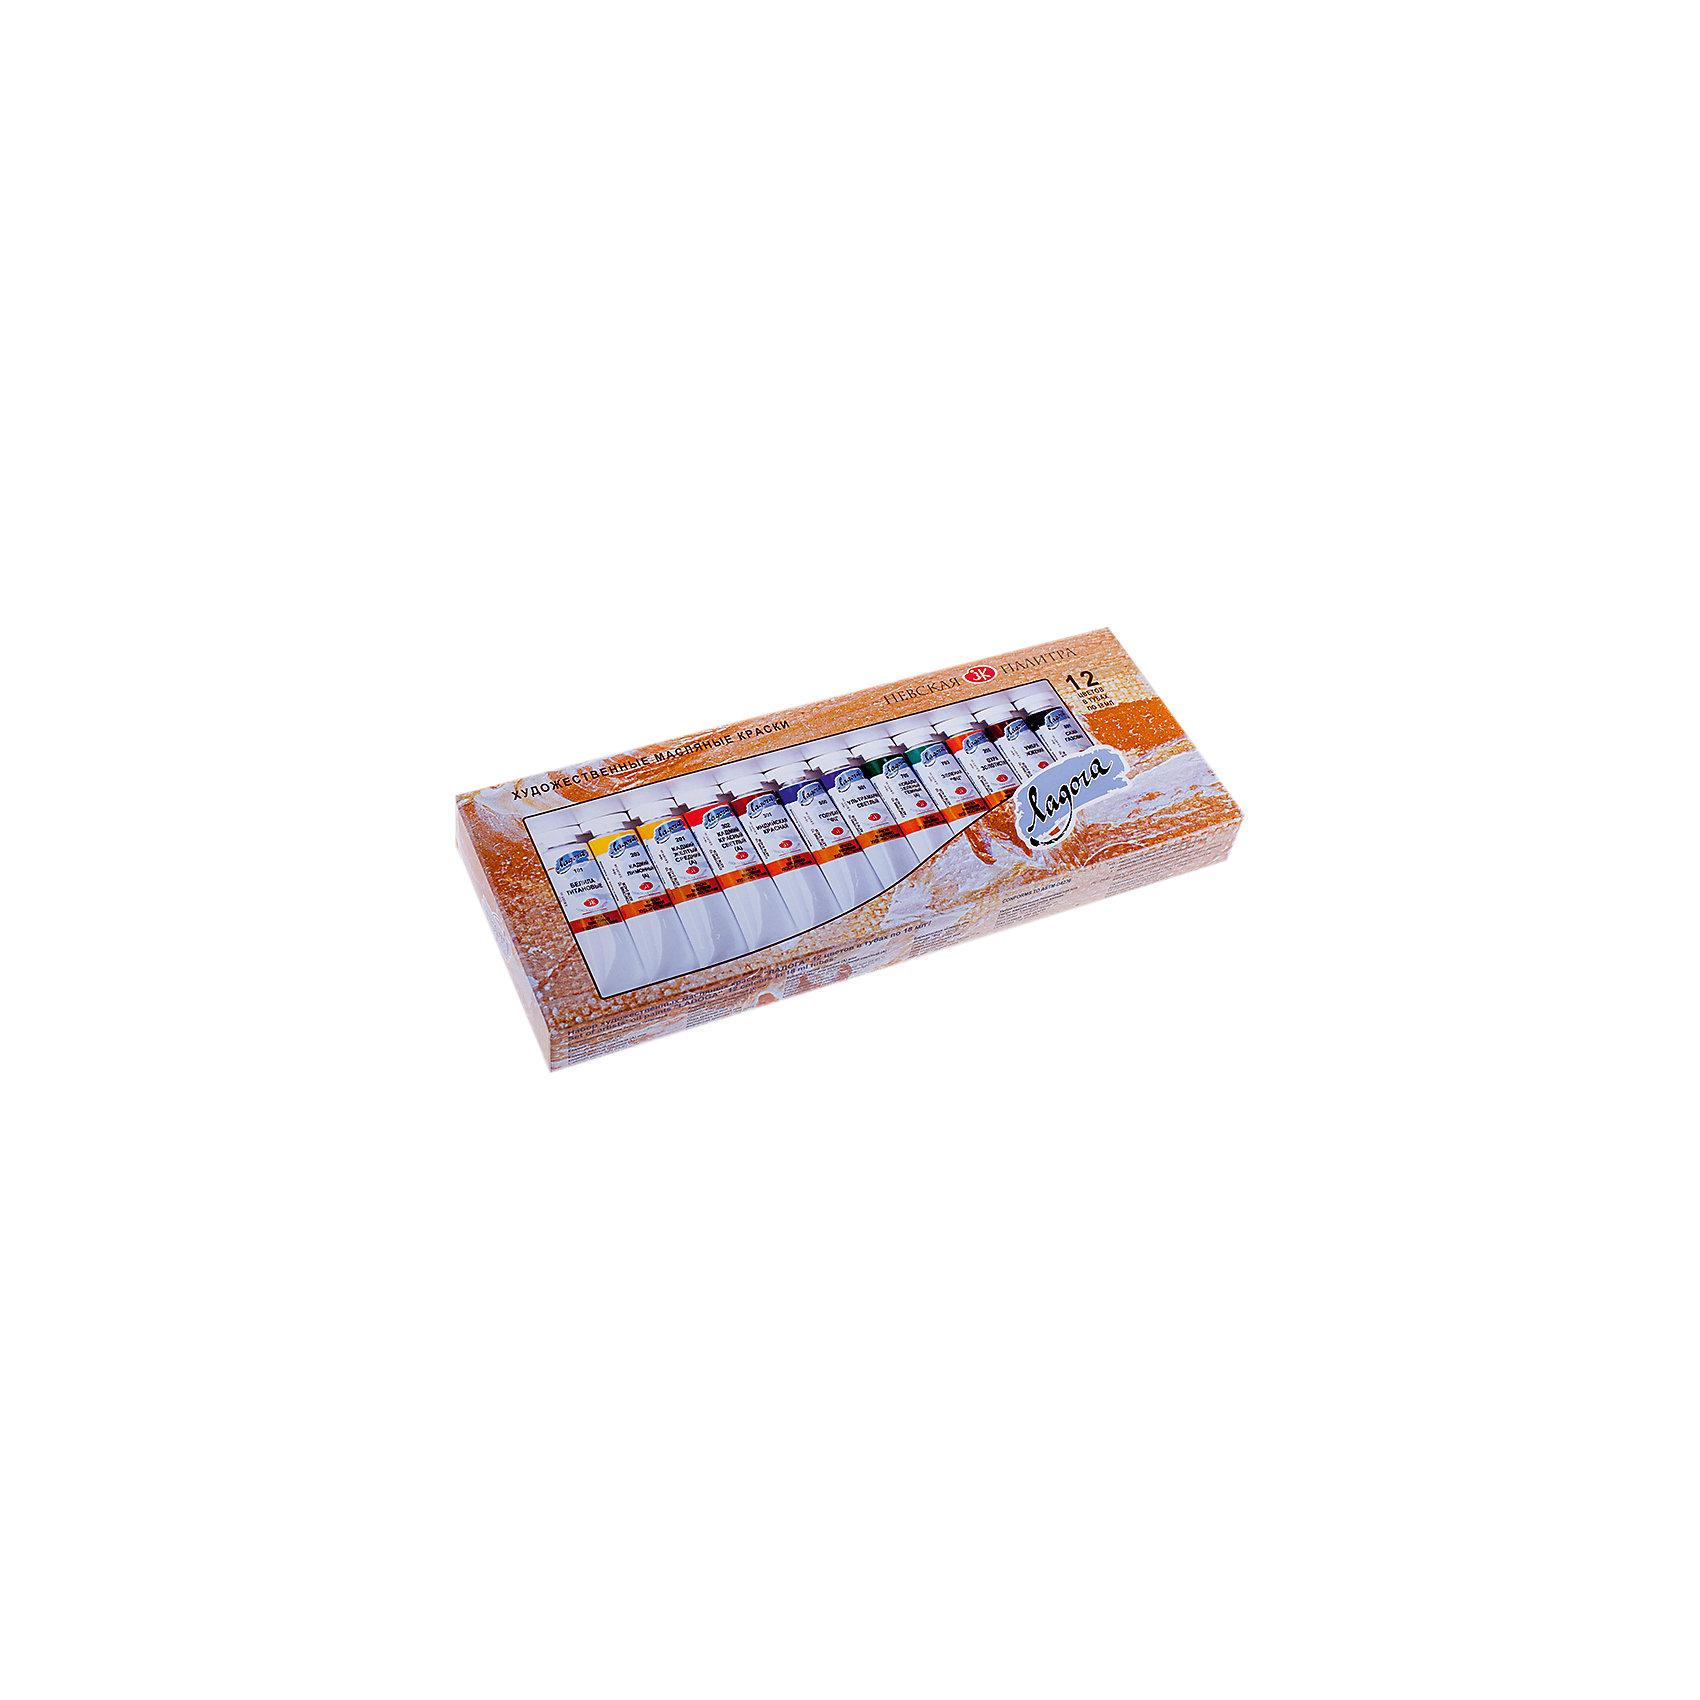 Краски масляные 12 цветов Ладога, 18мл/тубаХудожественные краски<br>Тип: масло<br>Количество цветов: 12 <br>Емкость: туба<br>Объем общий: 216<br>Объем емкости: 18<br>Упаковка ед. товара: картонная коробка<br>Наличие европодвеса: нет<br>Состав набора: белила цинковые или белила титановые; кадмий лимонный (А); кадмий желтый светлый (А) или кадмий желтый средний (А); кадмий красный светлый (А) или кадмий красный темный (А); охра красная или английская красная или индийская красная; кобальт синий средний (А) или голубая «ФЦ» или кобальт синий светлый (А); ультрамарин светлый; кобальт зеленый темный (А) или кобальт зеленый светлый (А); виридоновая зеленая или зеленая «ФЦ»; сиена натуральная или охра светлая или охра золотистая; умбра натуральная ленинградская или Сиена жженая; сажа газовая или шунгит<br><br>Ширина мм: 260<br>Глубина мм: 110<br>Высота мм: 30<br>Вес г: 700<br>Возраст от месяцев: 84<br>Возраст до месяцев: 2147483647<br>Пол: Унисекс<br>Возраст: Детский<br>SKU: 7044229